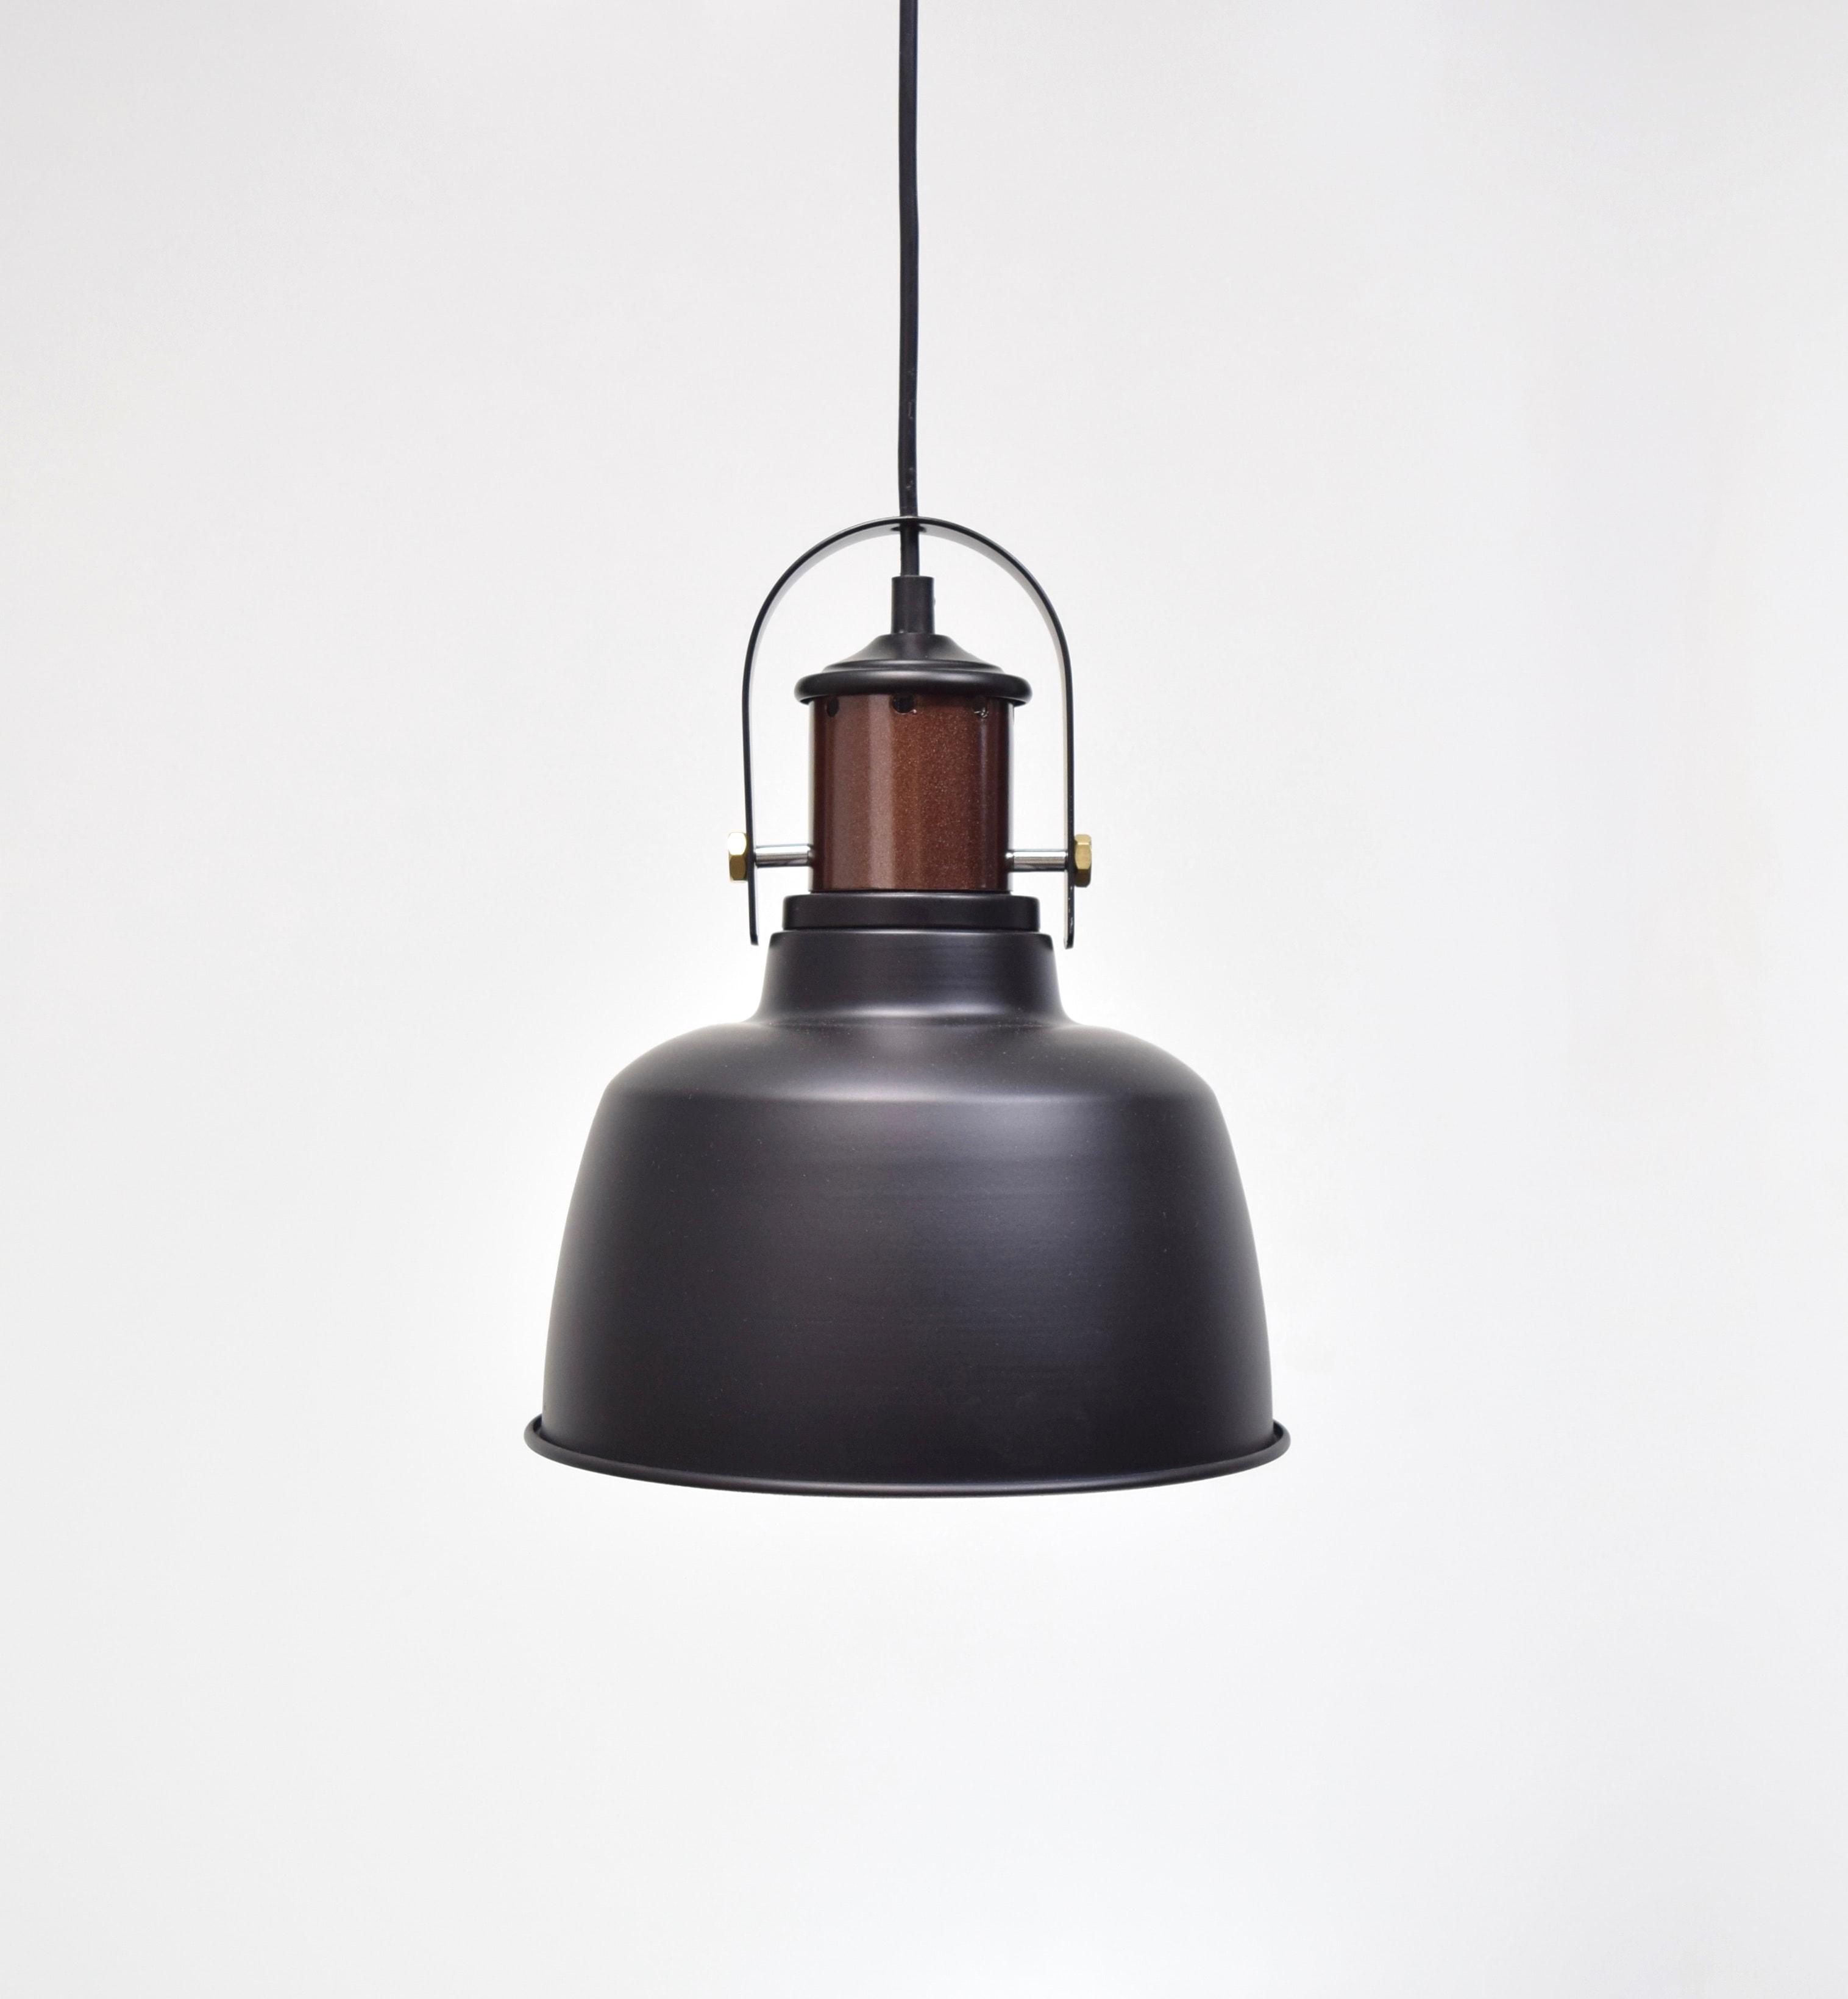 英倫復古吊燈-BNL00124 2